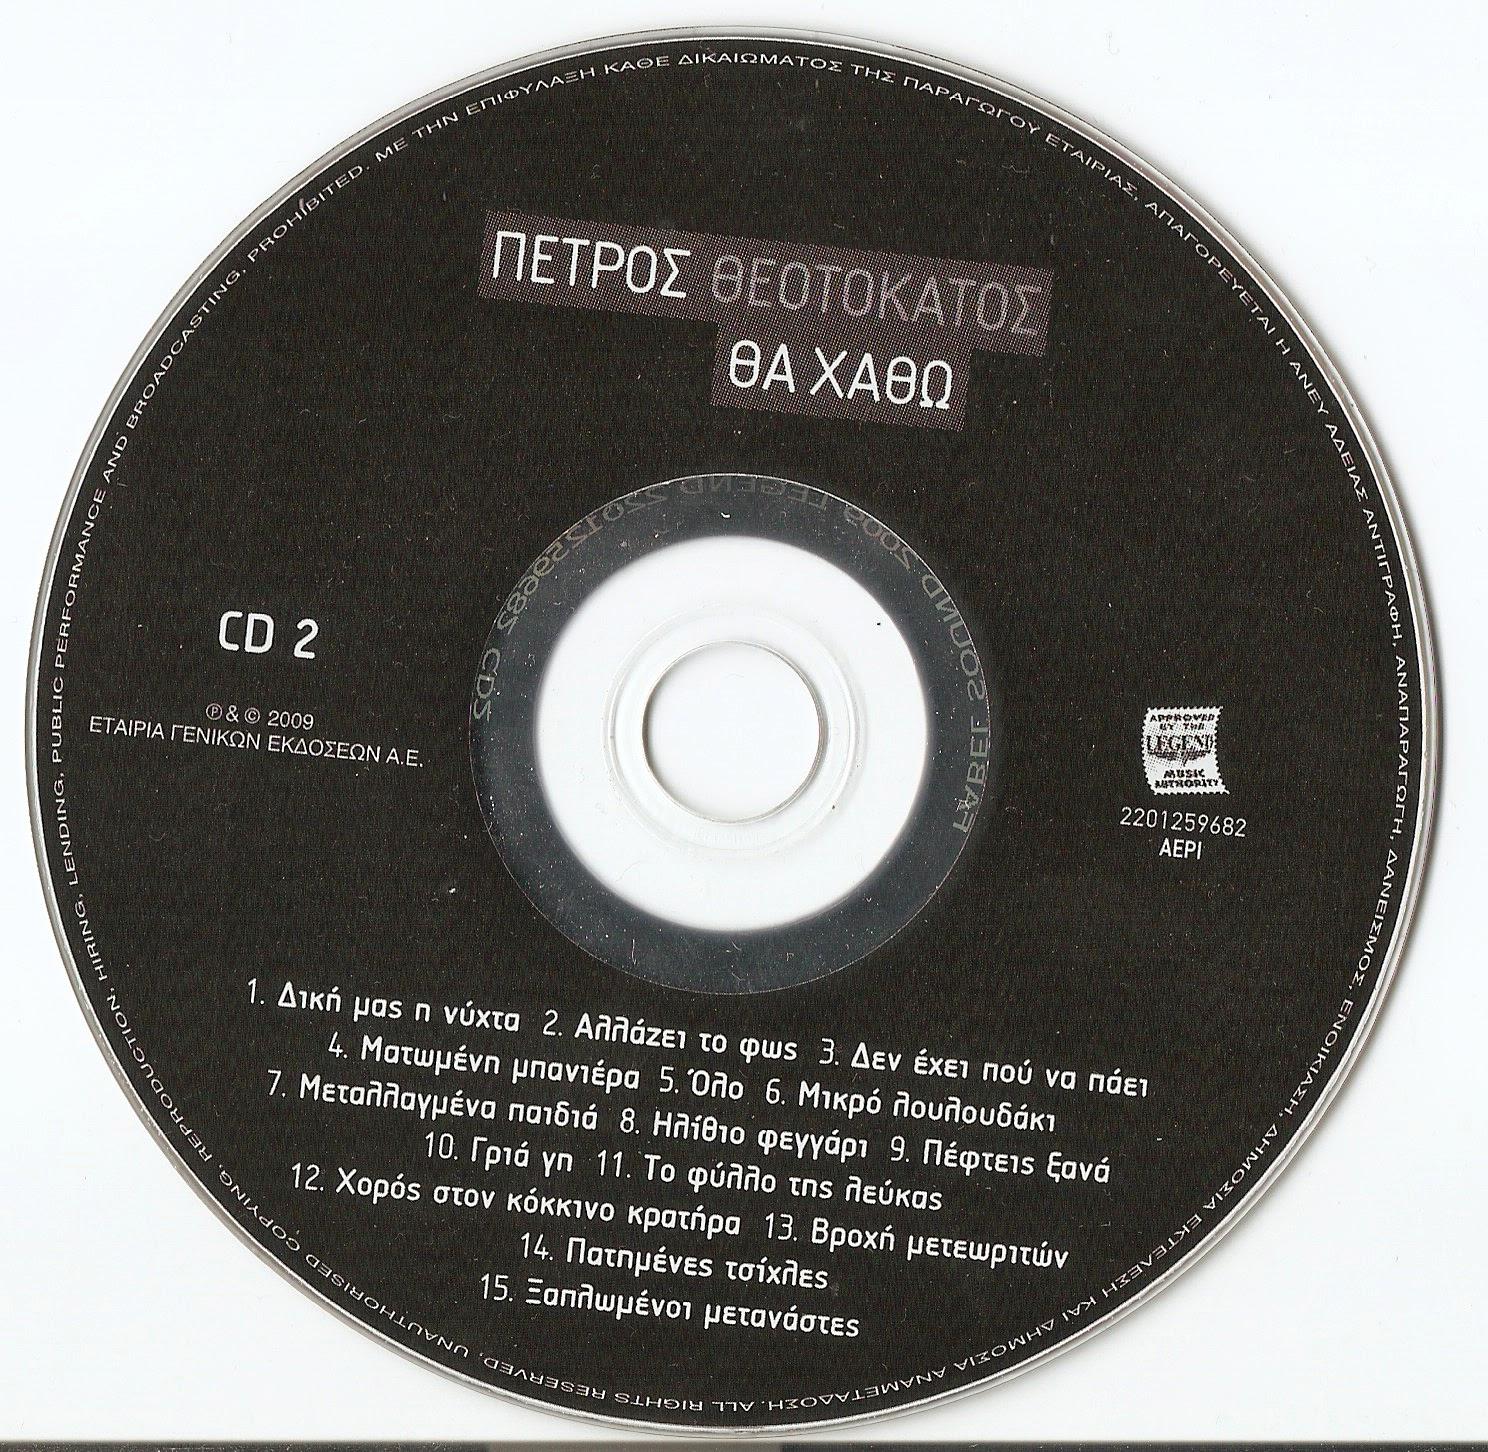 ΠΕΤΡΟΣ ΘΕΟΤΟΚΑΤΟΣ - ΘΑ ΧΑΘΩ cd greek rock 2